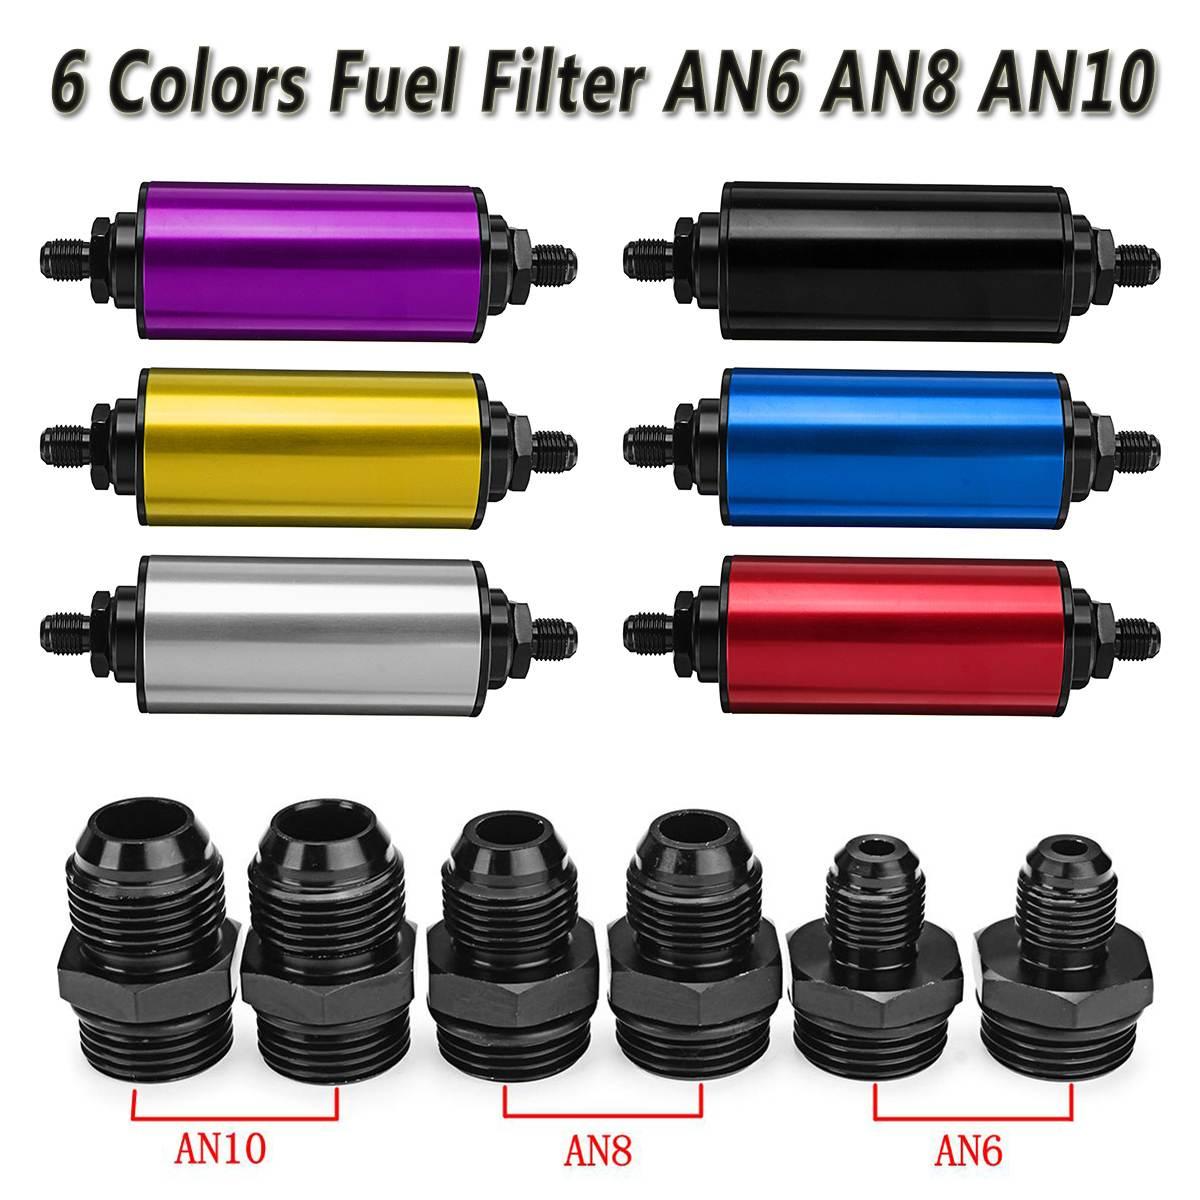 Universel 6 couleurs 100 Micron nettoyable SS AN6 AN8 AN10 raccords adaptateur Auto en ligne filtre à mazout haut débit